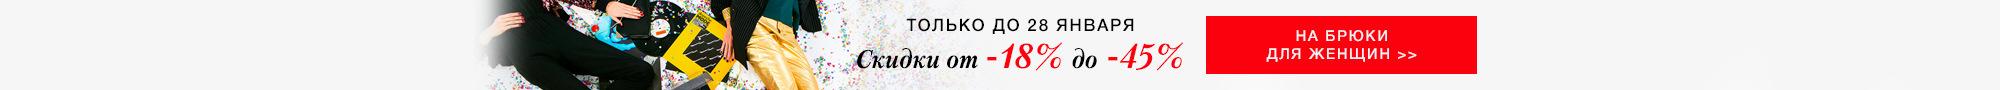 Скидки от 18% до 45% на Женские брюки